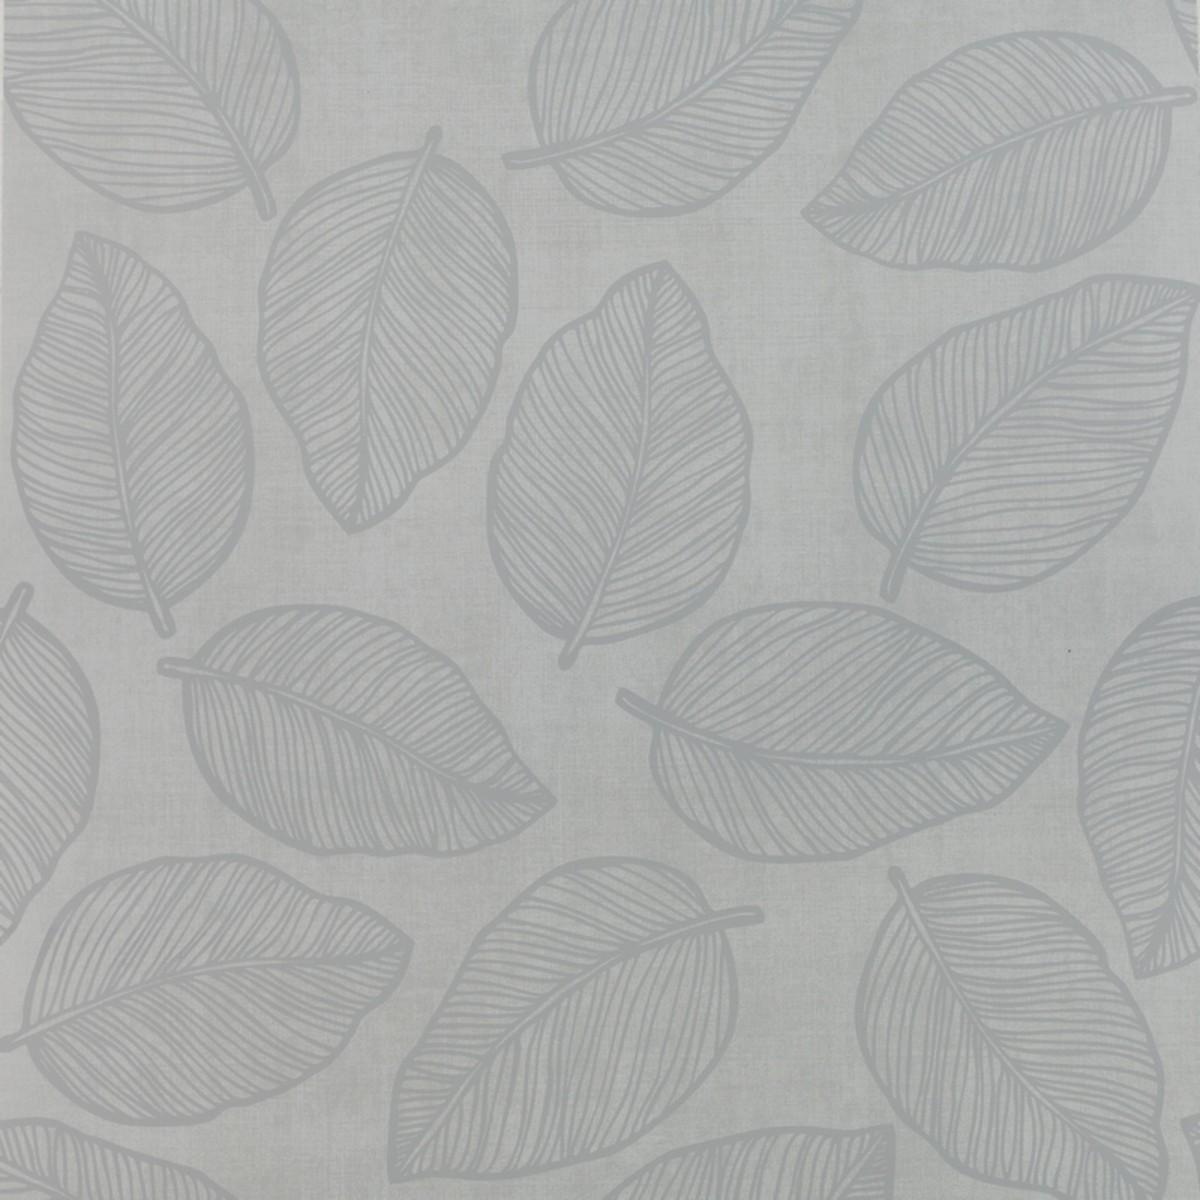 Обои флизелиновые Collection For Walls Modern I серые 0.53 м 201802